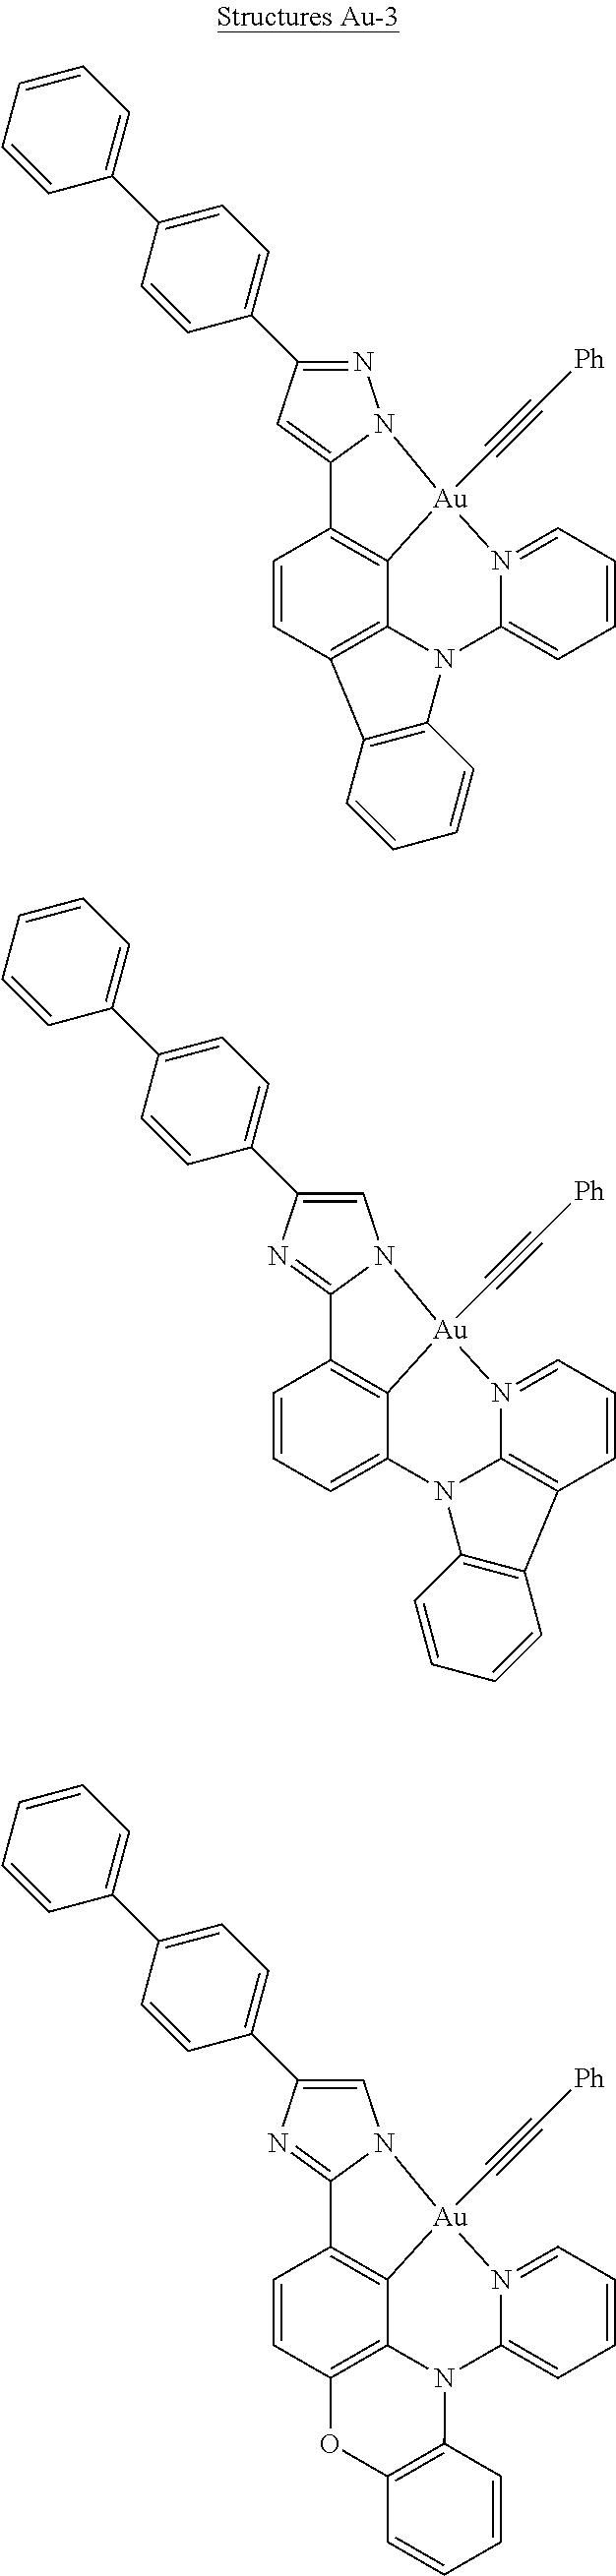 Figure US09818959-20171114-C00229